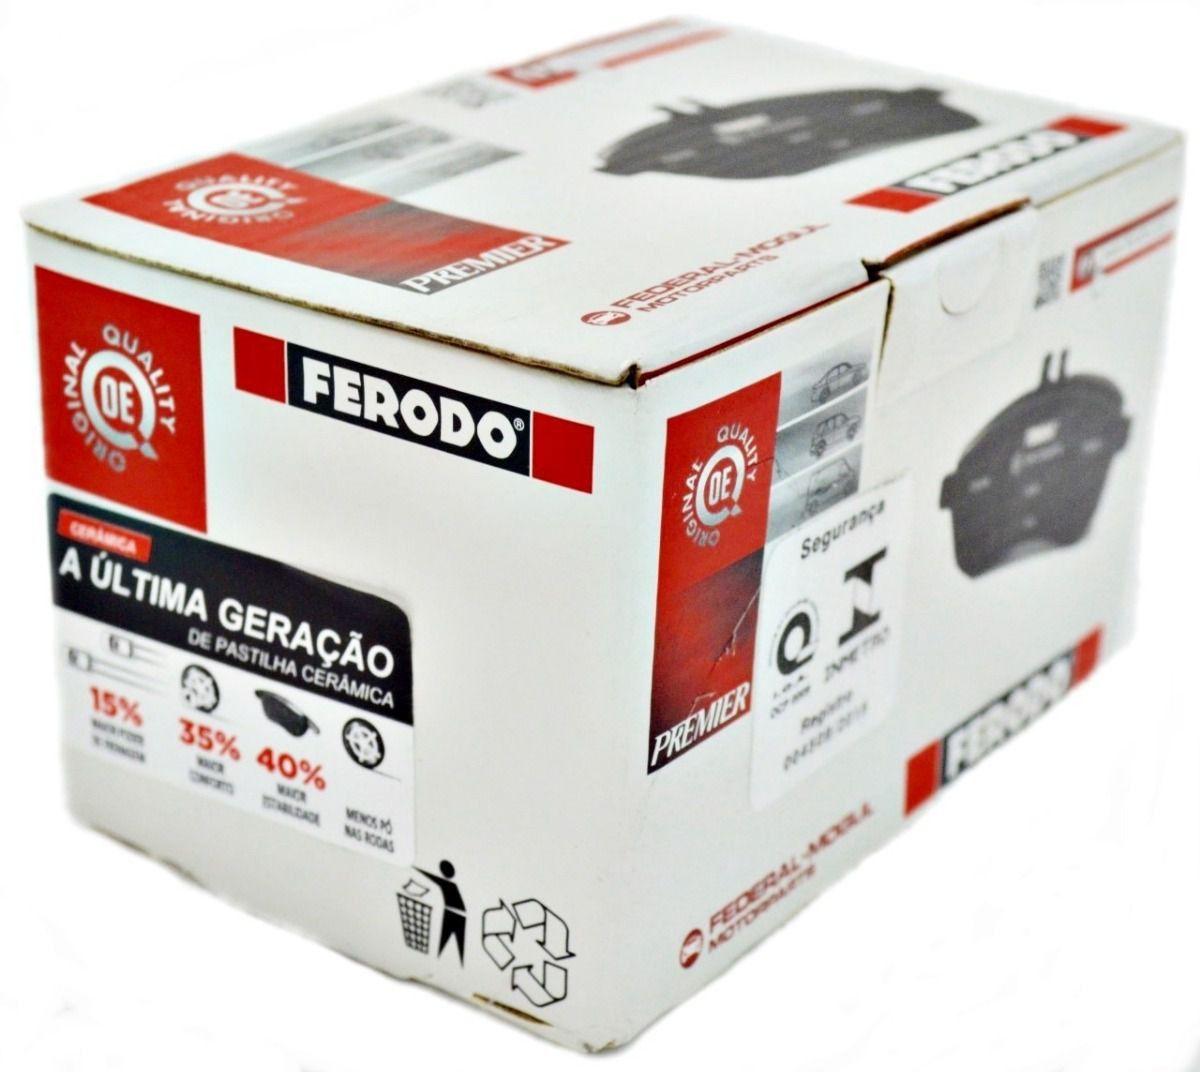 Pastilha Freio Dianteira Ceramica Ferodo Q3 Jetta Passat Tiguan 2010 em diante